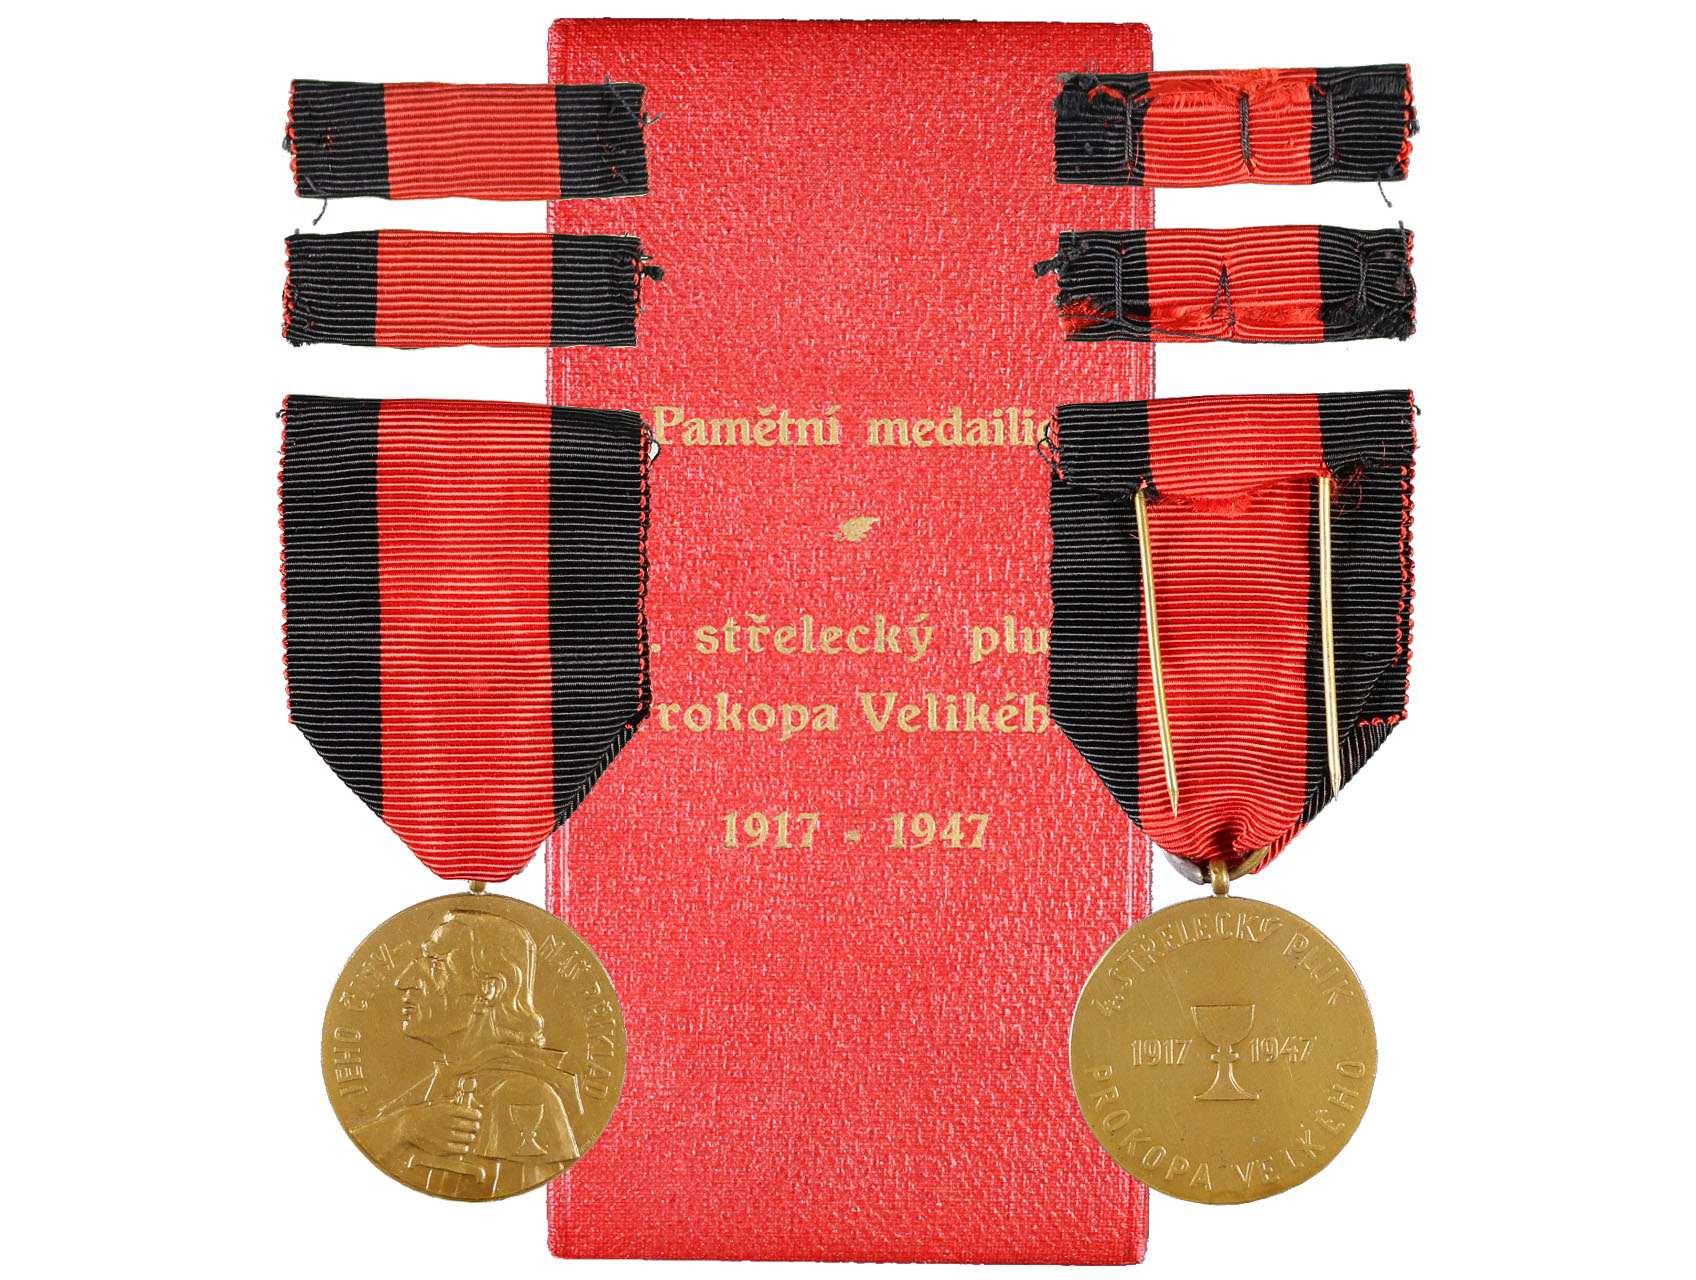 Pamětní medaile 4. střeleckého pluku Prokopa Velkého, dobová etue s vyzlaceným textem, N51, VM86